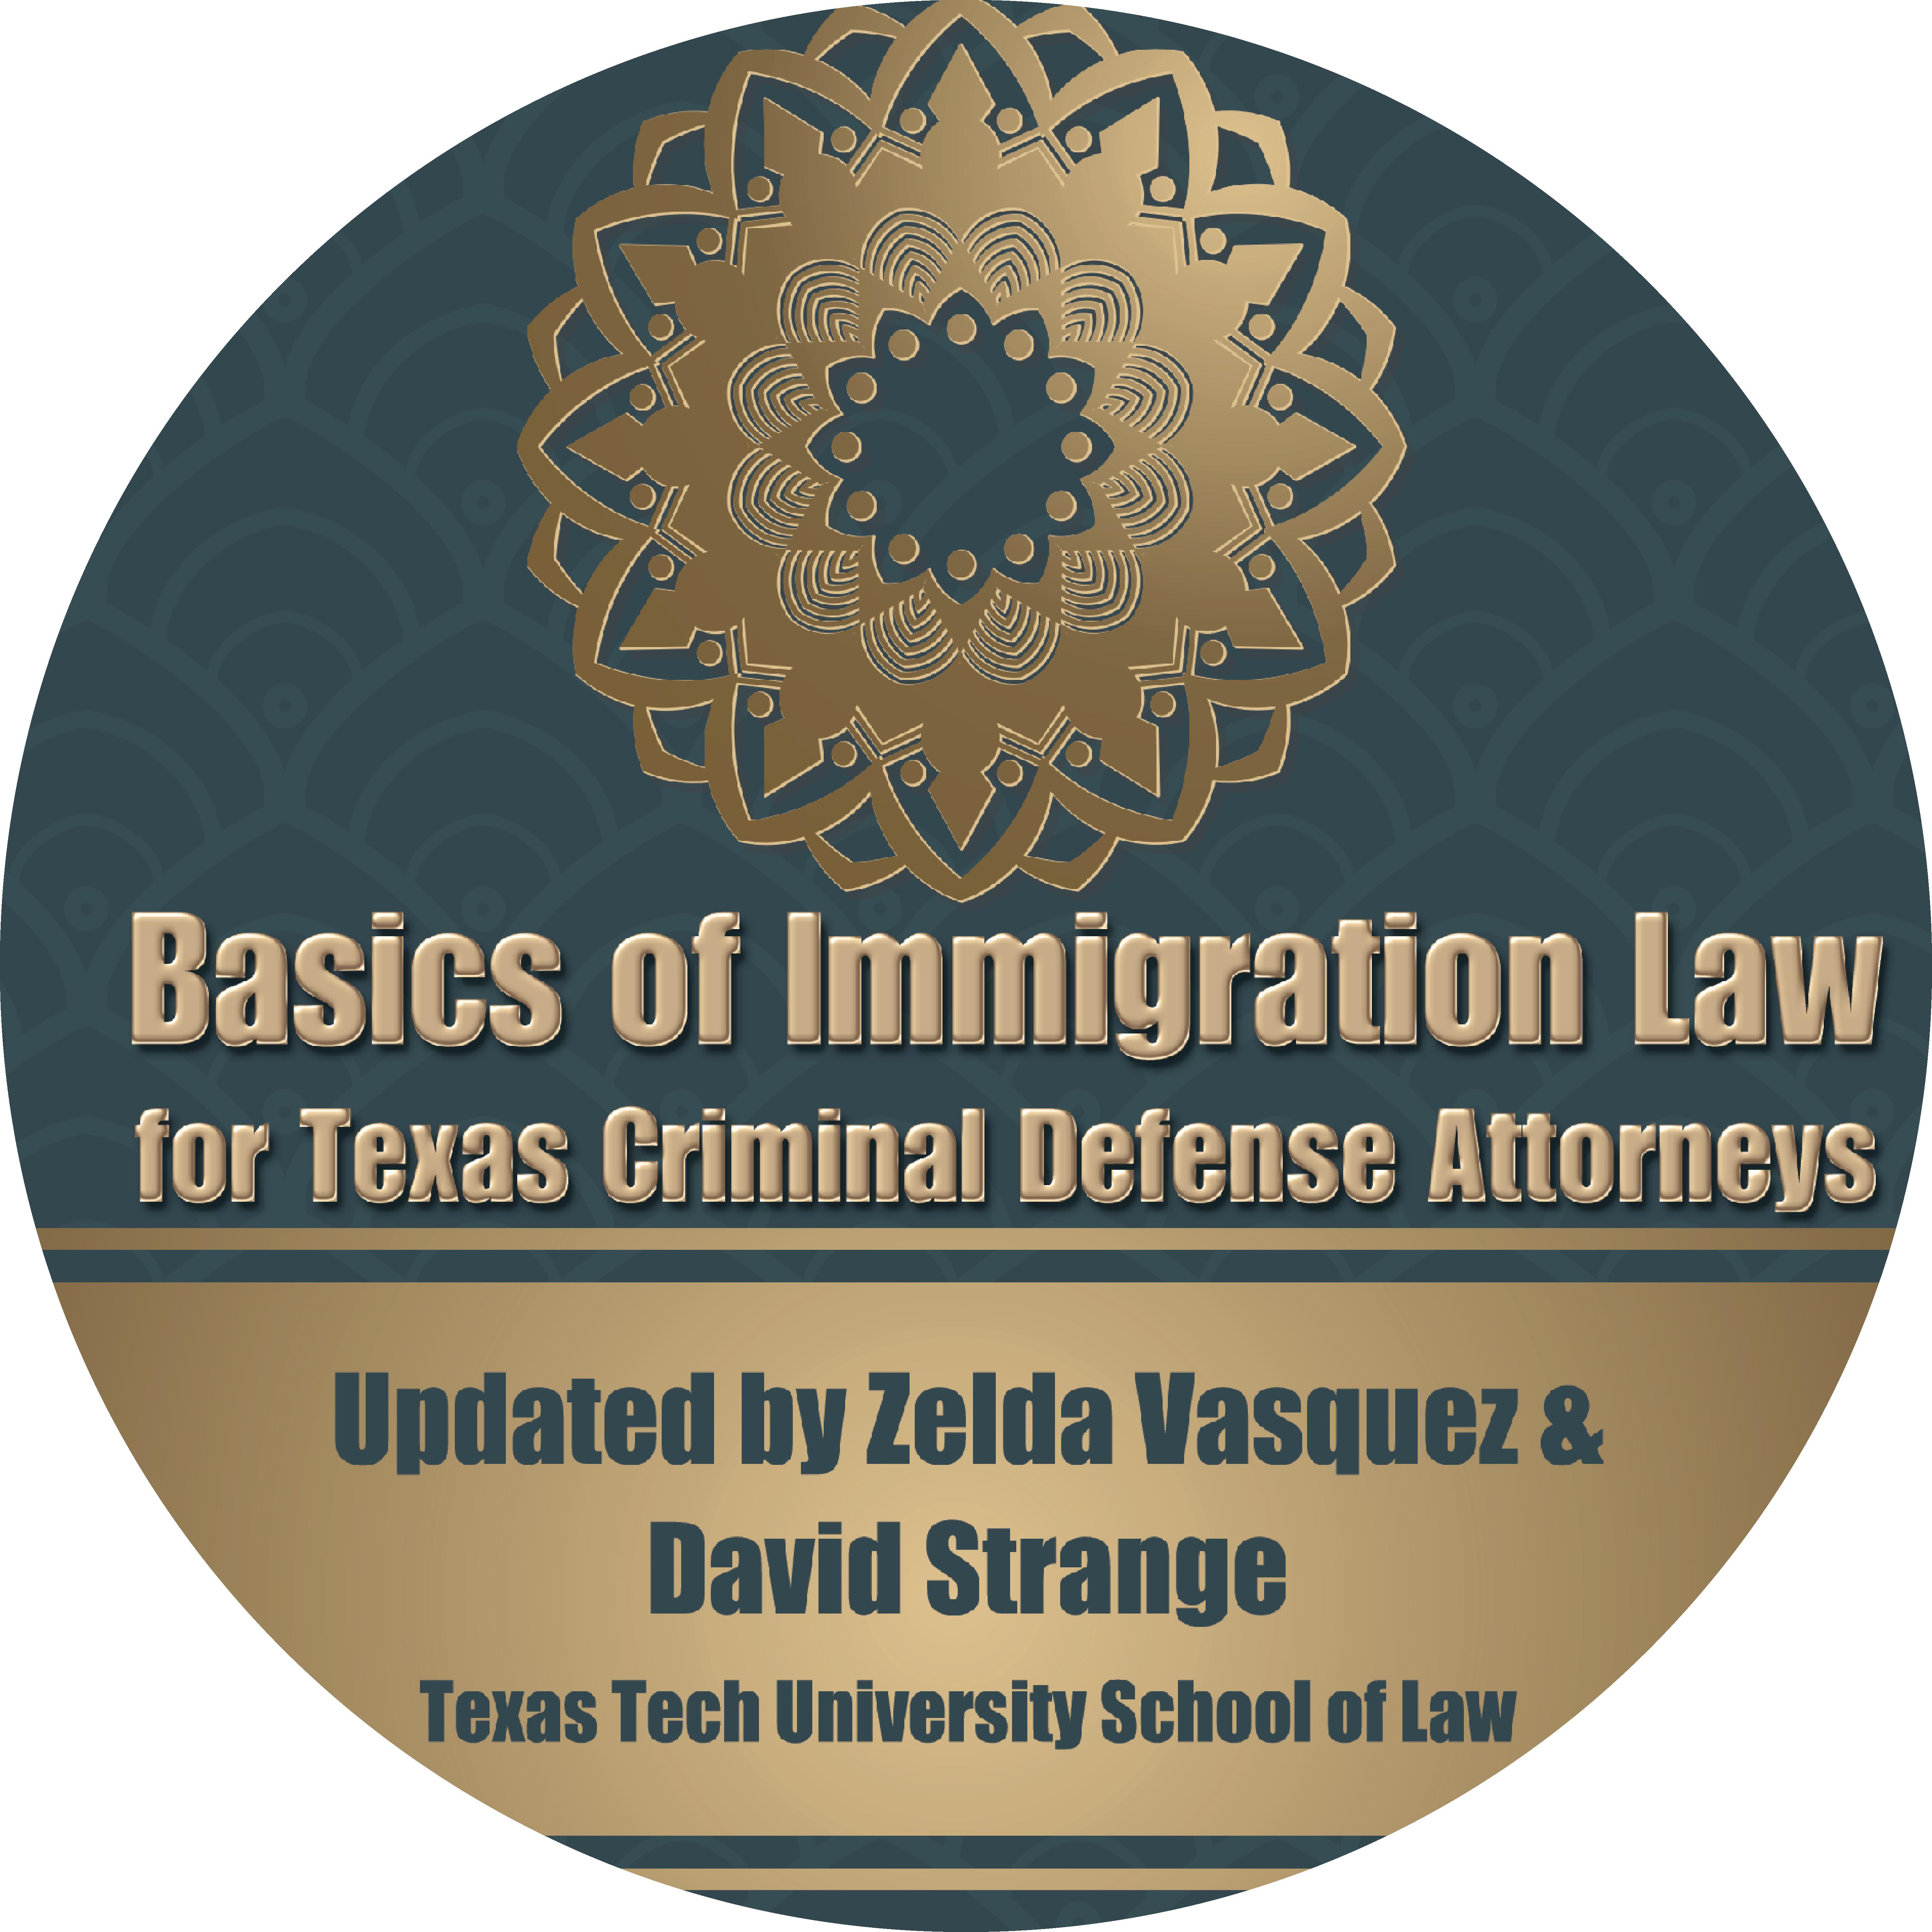 Basics of Immigration CD, 2019-20